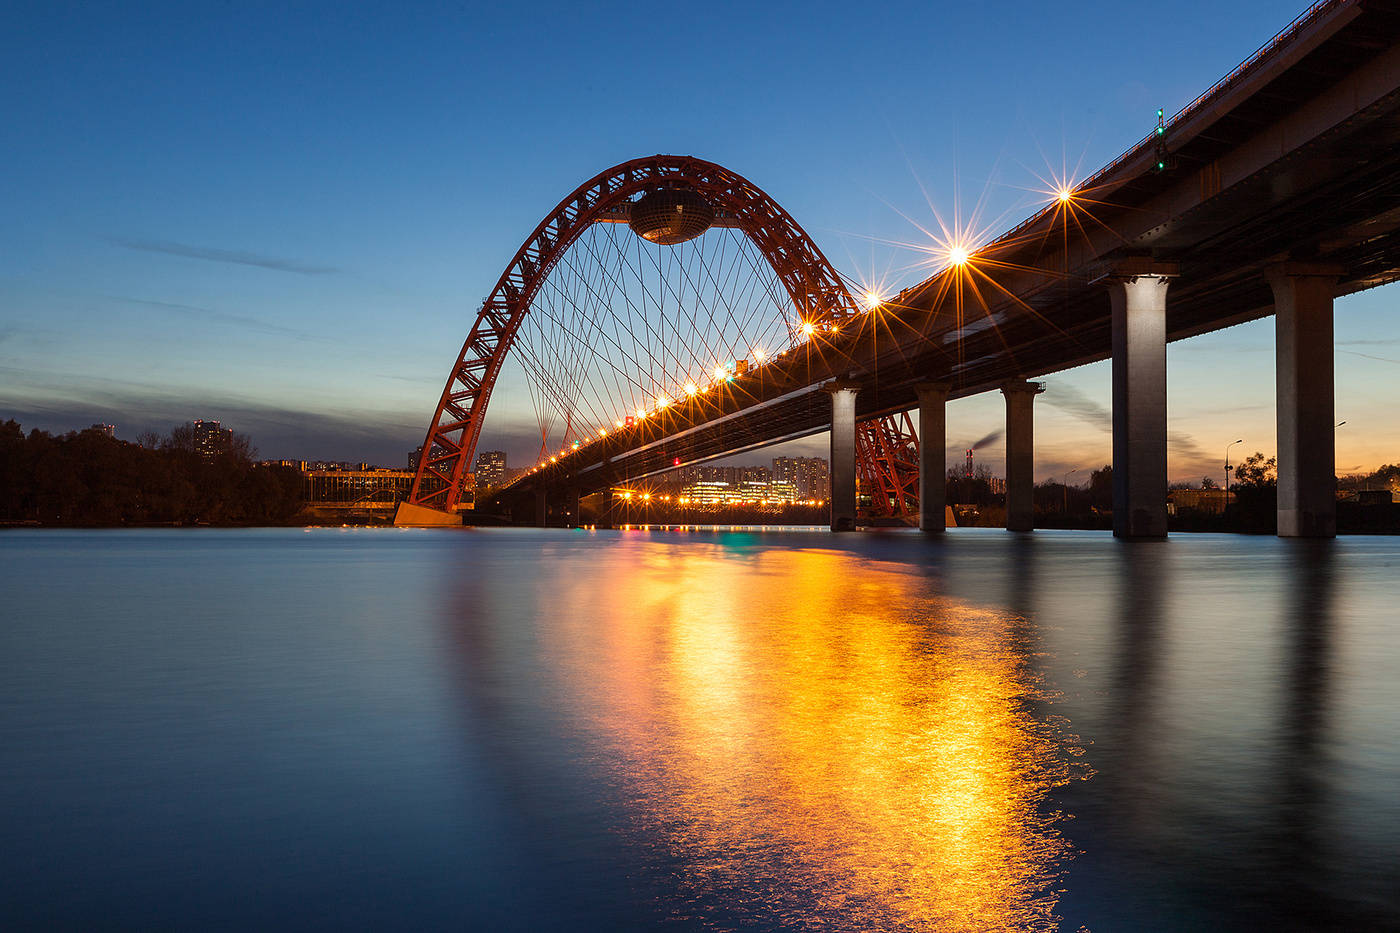 вантовый Живописный мост ночью фото